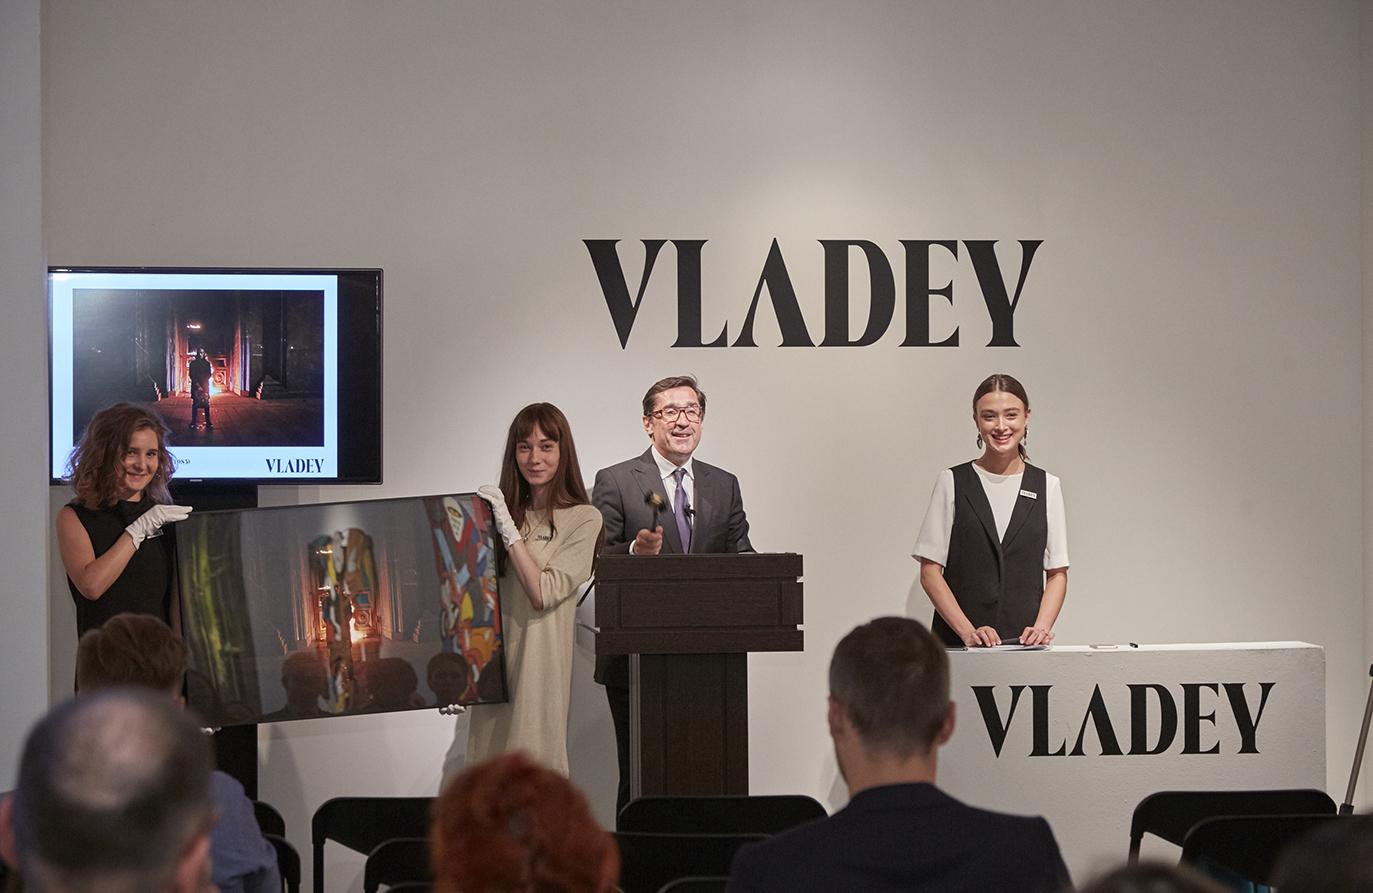 Фото: Александр Догаев | Пресс-служба Vladey